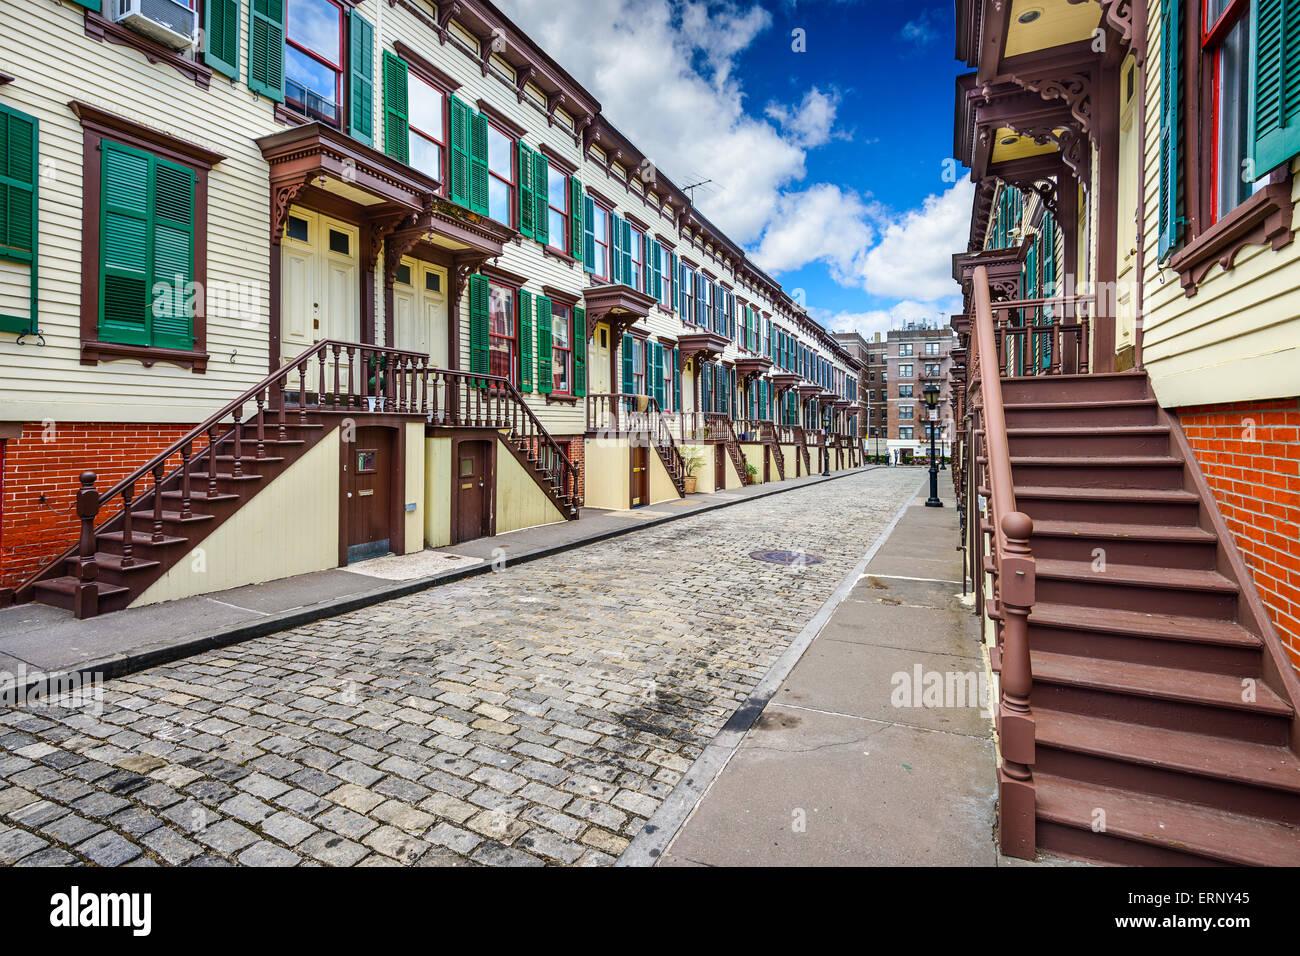 New York City, États-Unis maisons de ville à dans le quartier historique. Terrasse Jumel Photo Stock